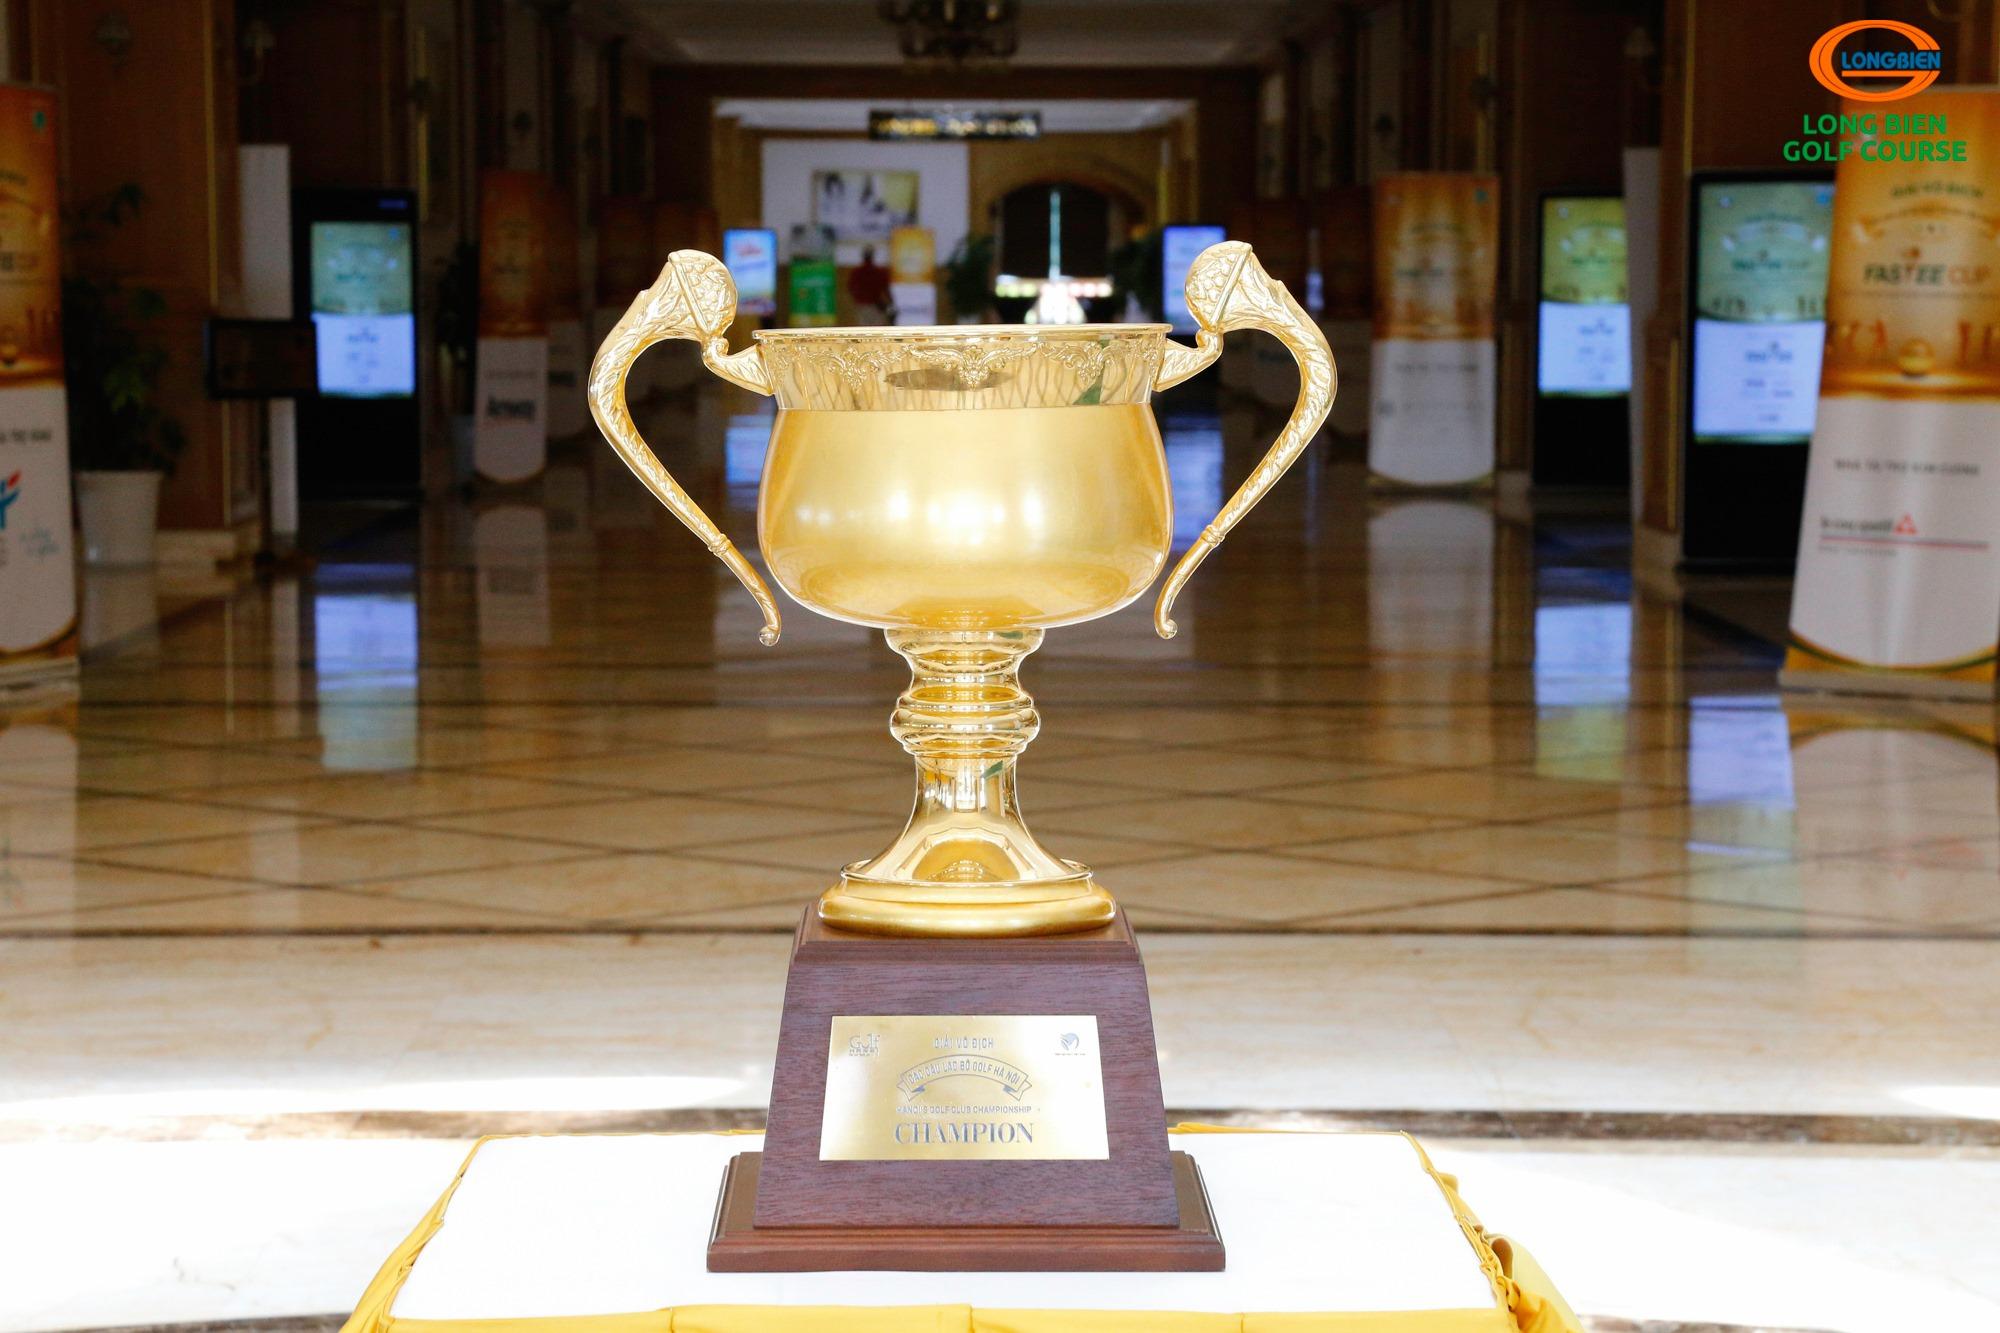 VÒNG ĐẤU LOẠI - GIẢI VÔ ĐỊCH CÁC CLB HÀ NỘI LẦN THỨ 3 – FASTEE CUP